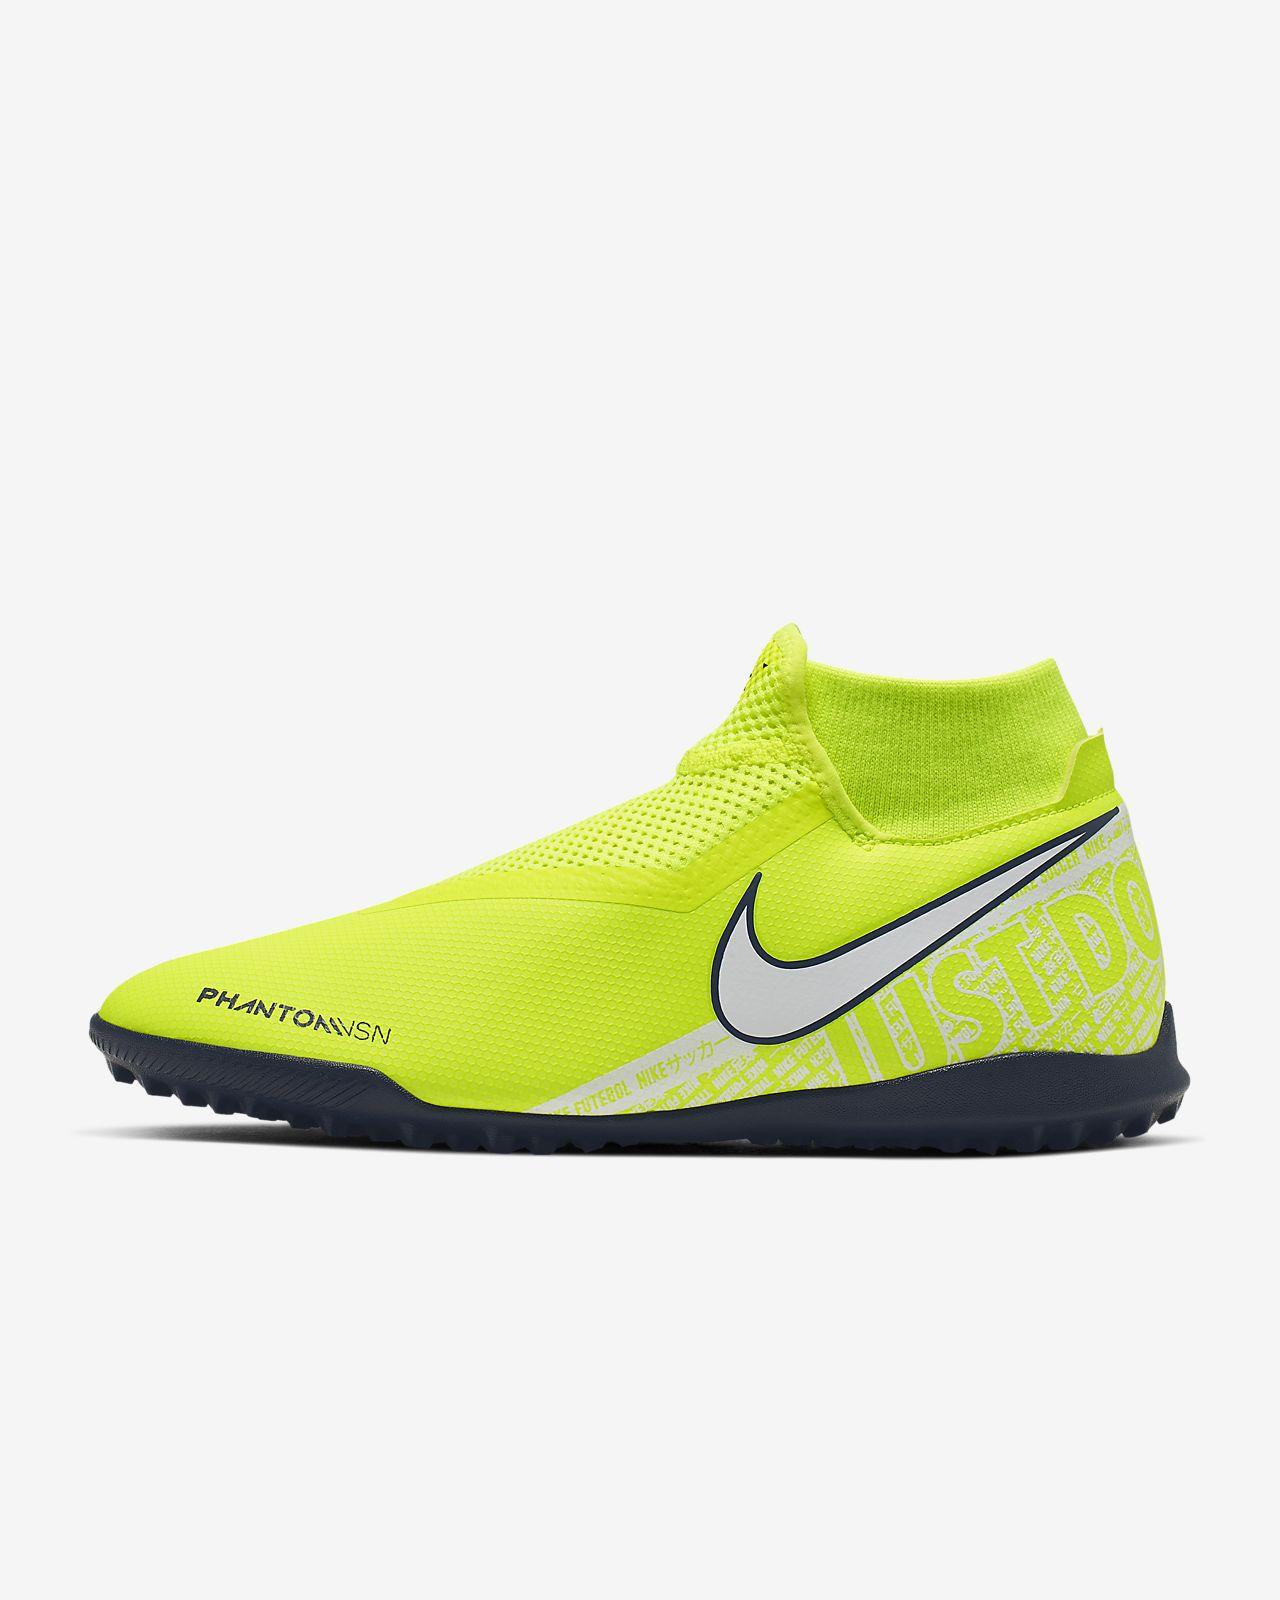 Kopačka na umělý povrch Nike Phantom Vision Academy Dynamic Fit TF